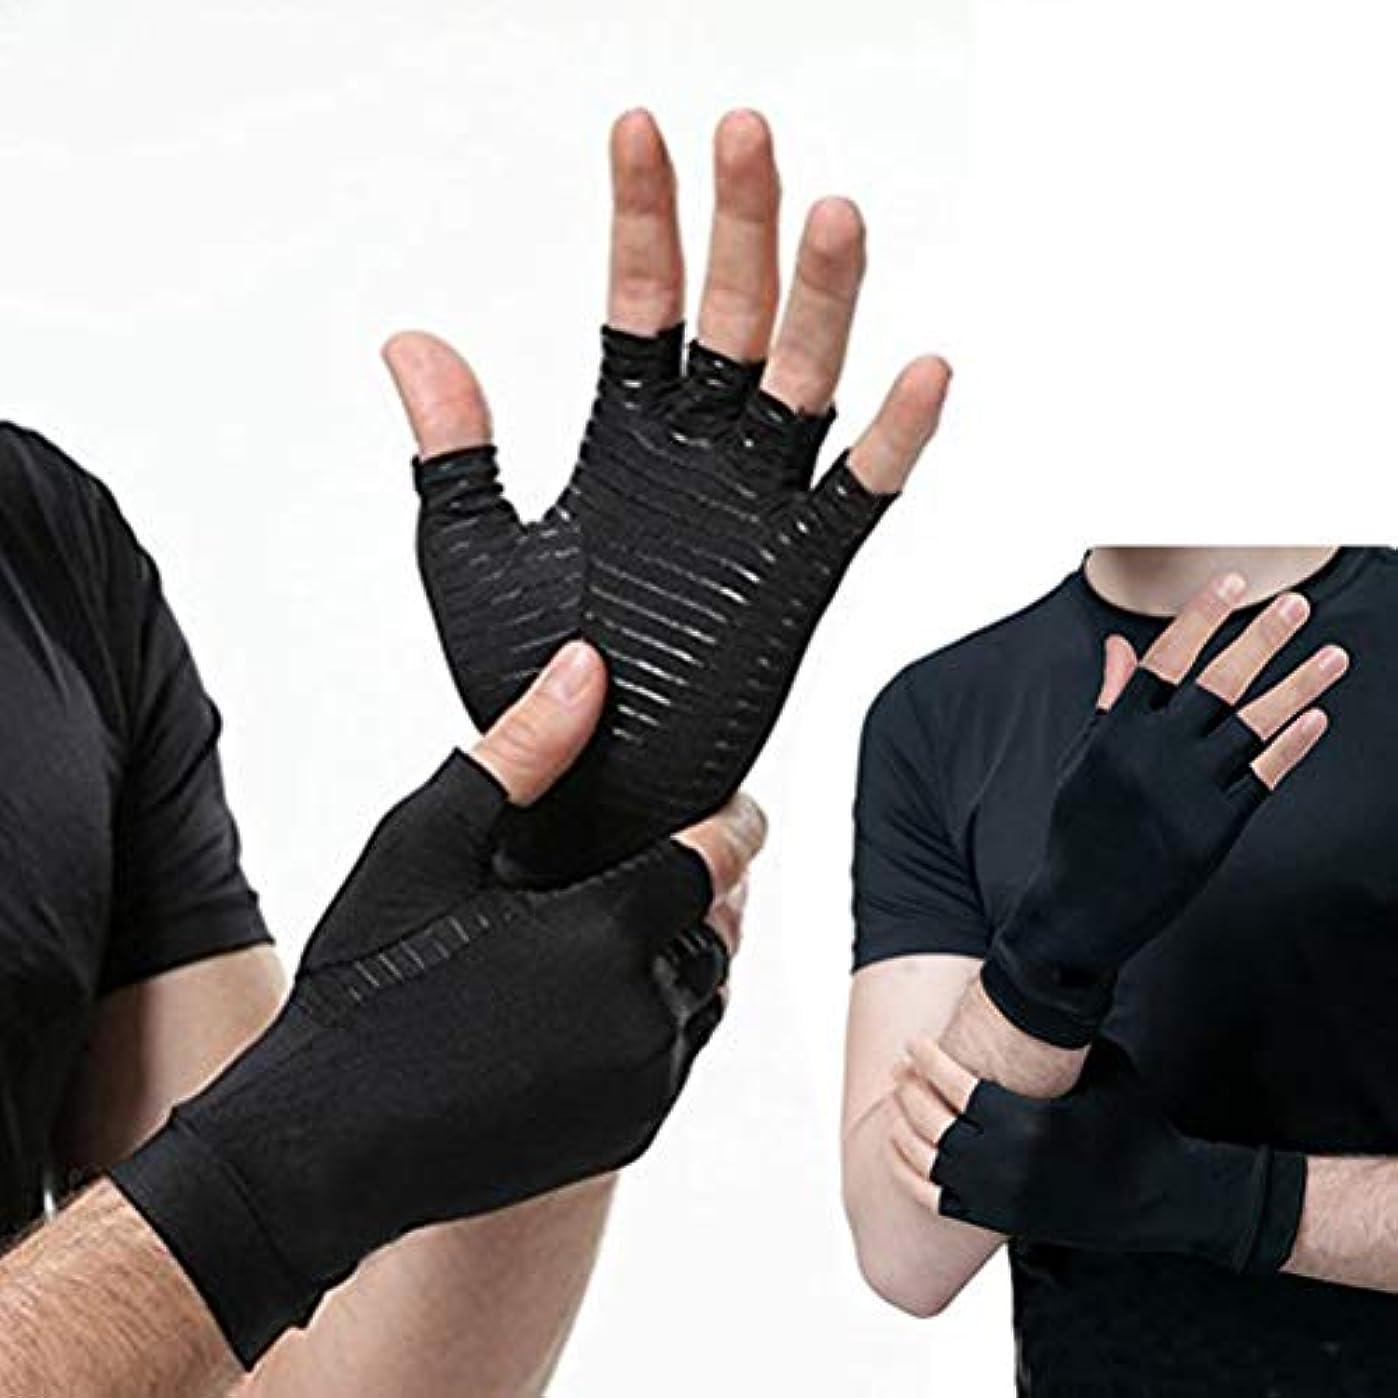 不確実スキル朝ごはんTAIPPAN 1ペア銅関節炎手袋銅圧縮関節炎手袋指なしスポーツ手袋医療用手袋